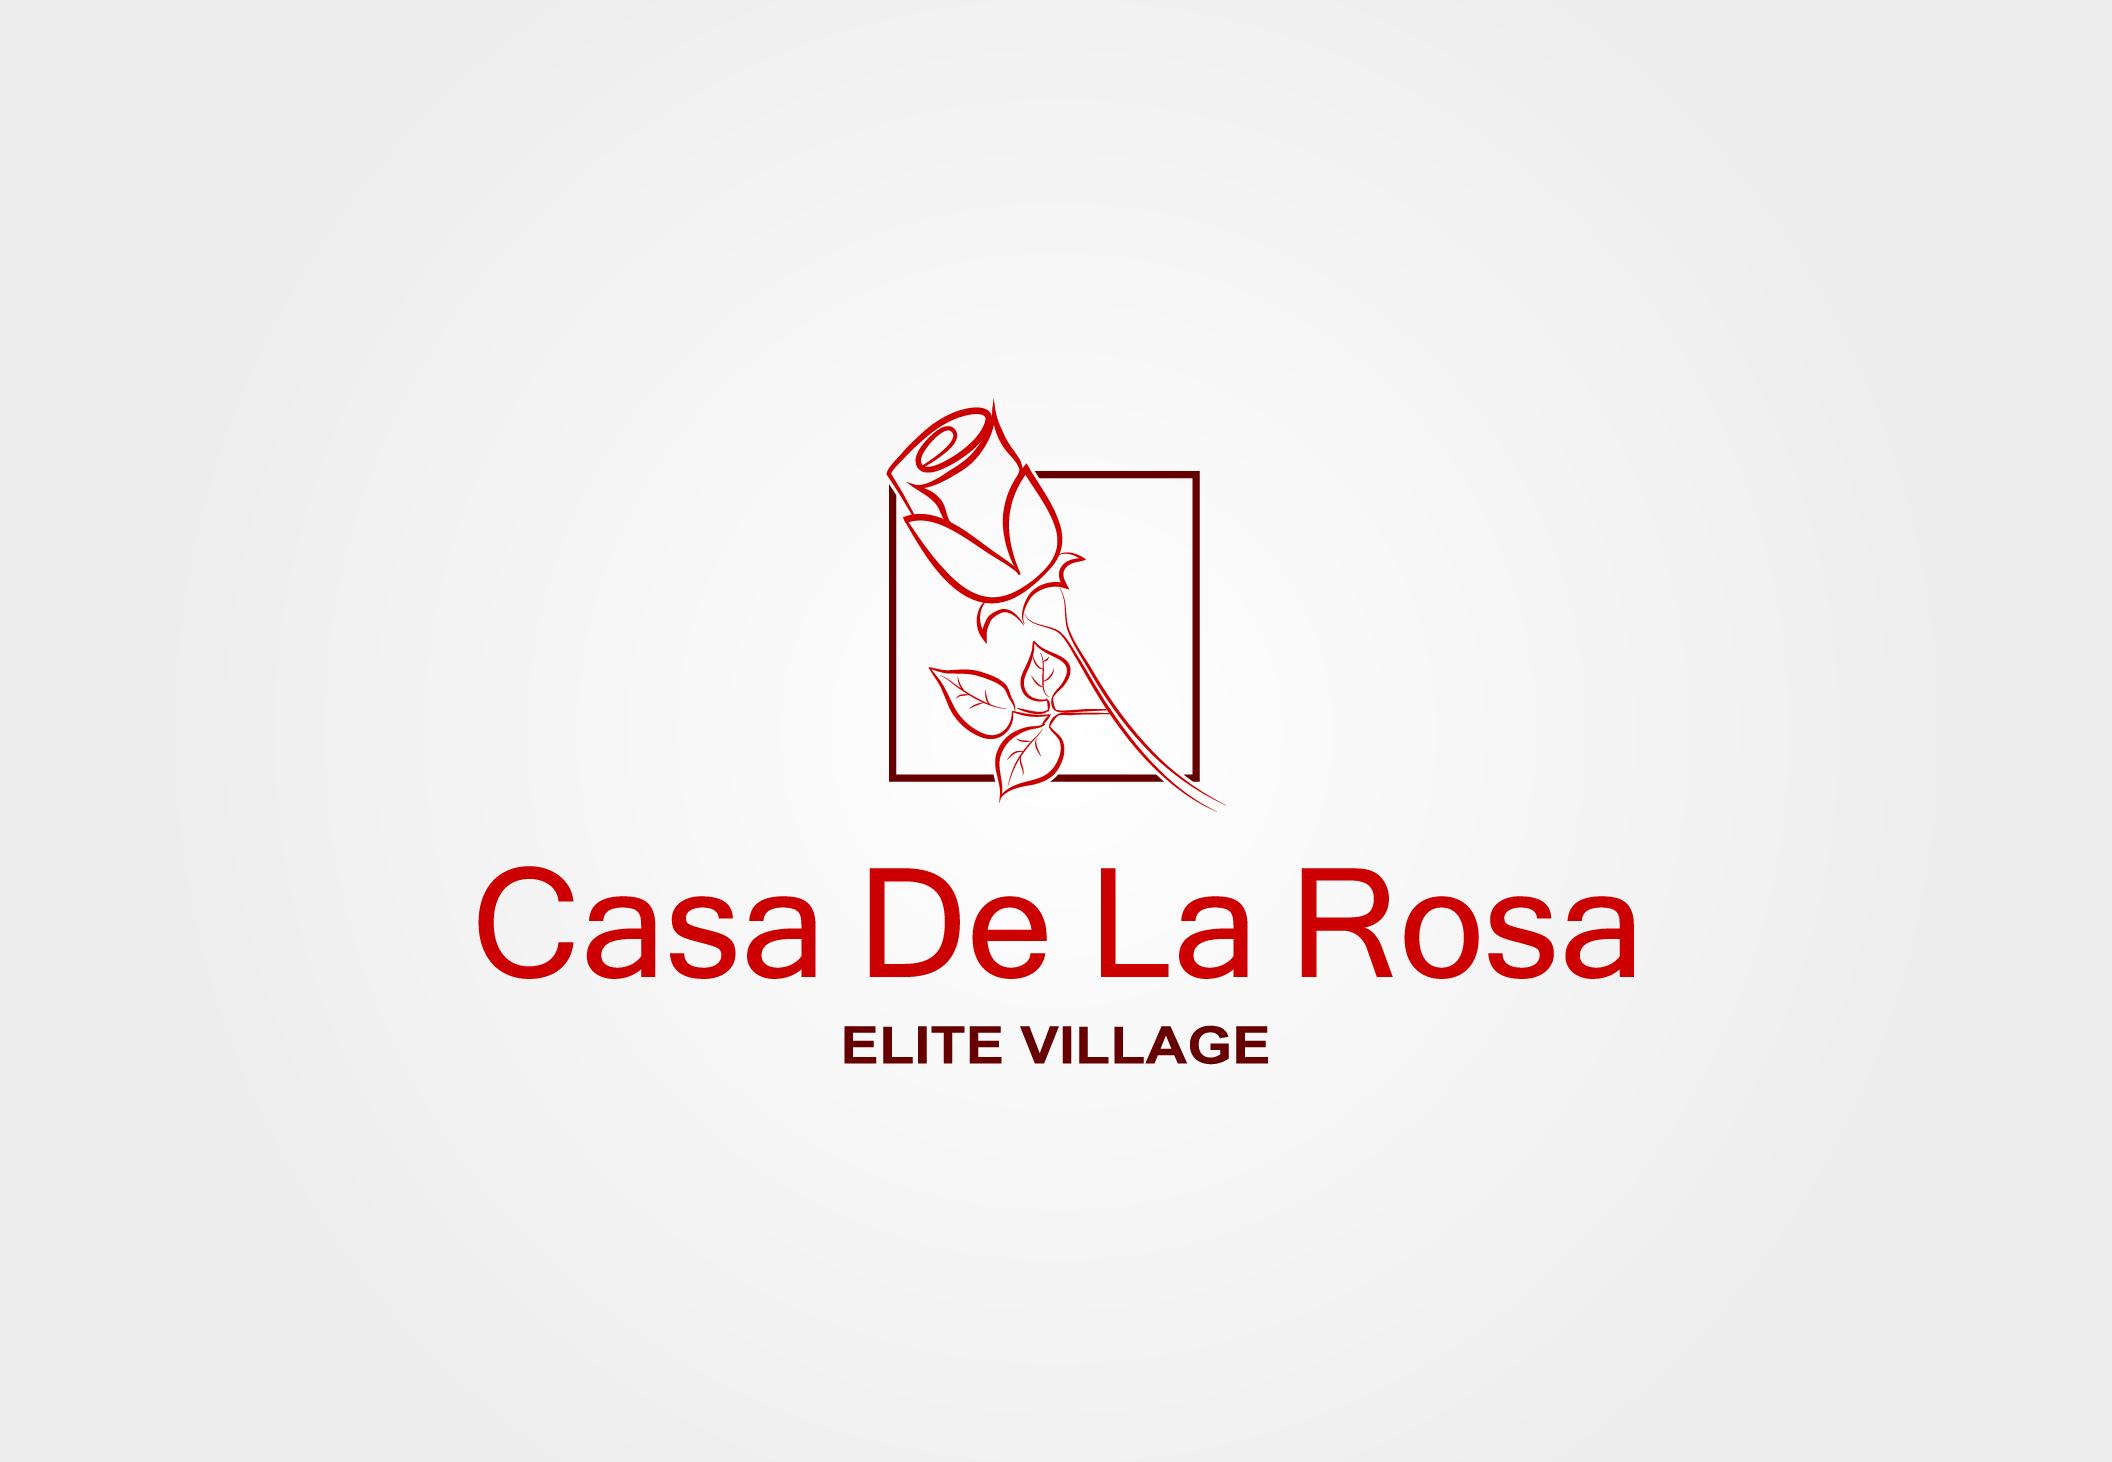 Логотип + Фирменный знак для элитного поселка Casa De La Rosa фото f_3575cd6a5f510dd9.jpg